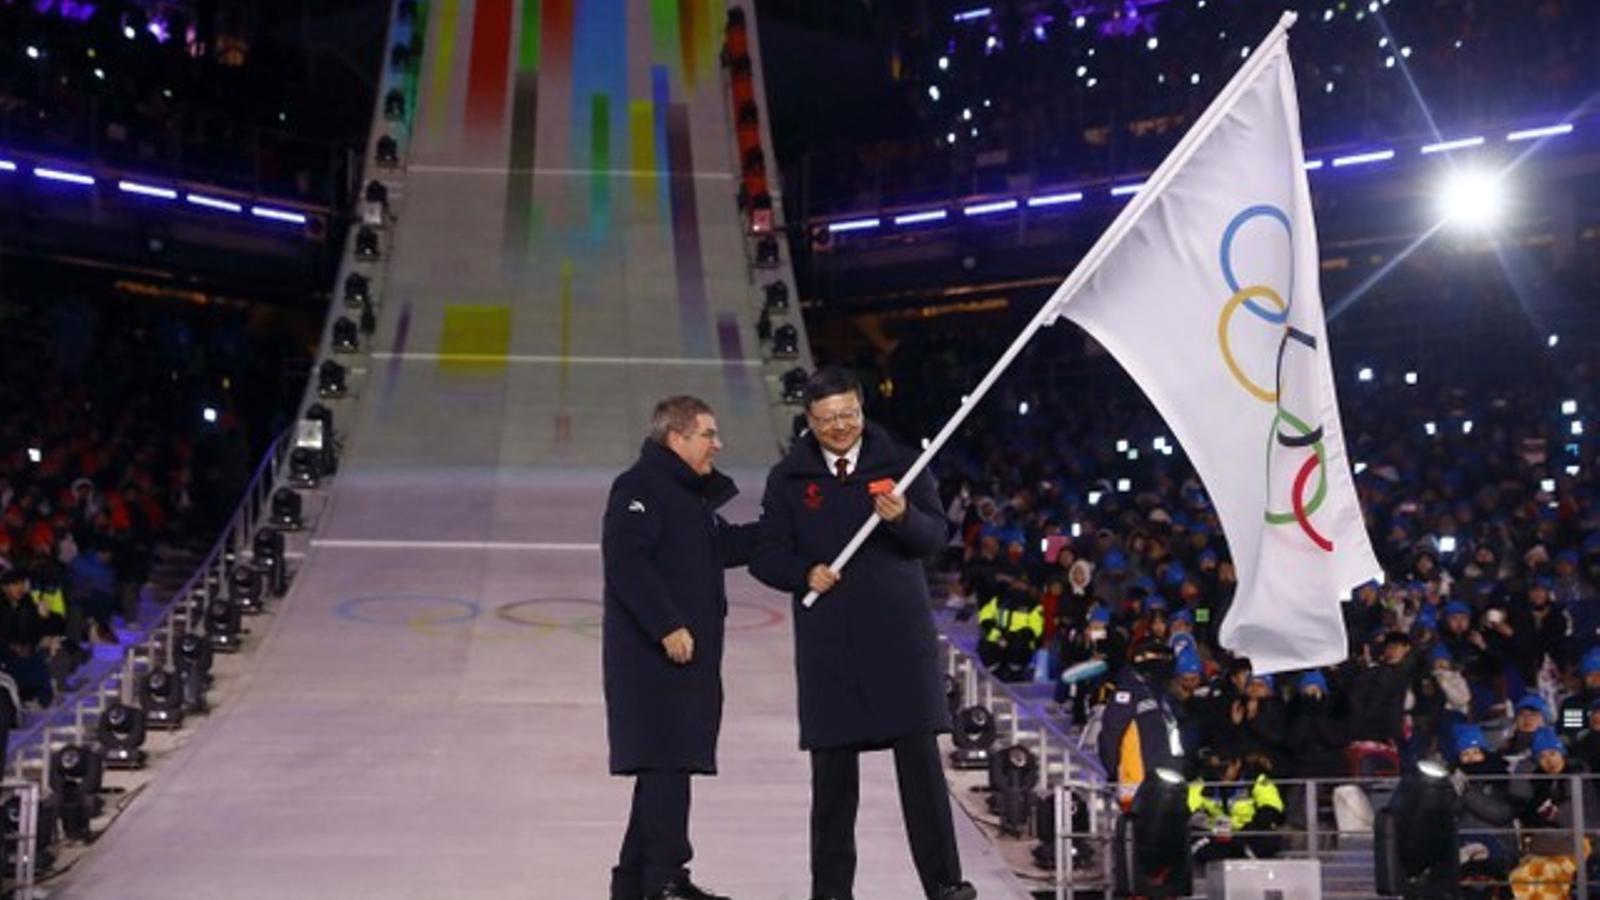 L'alcalde de Pequín pren la bandera com propera  a seu olímpica, a la cloenda dels jocs coreans.